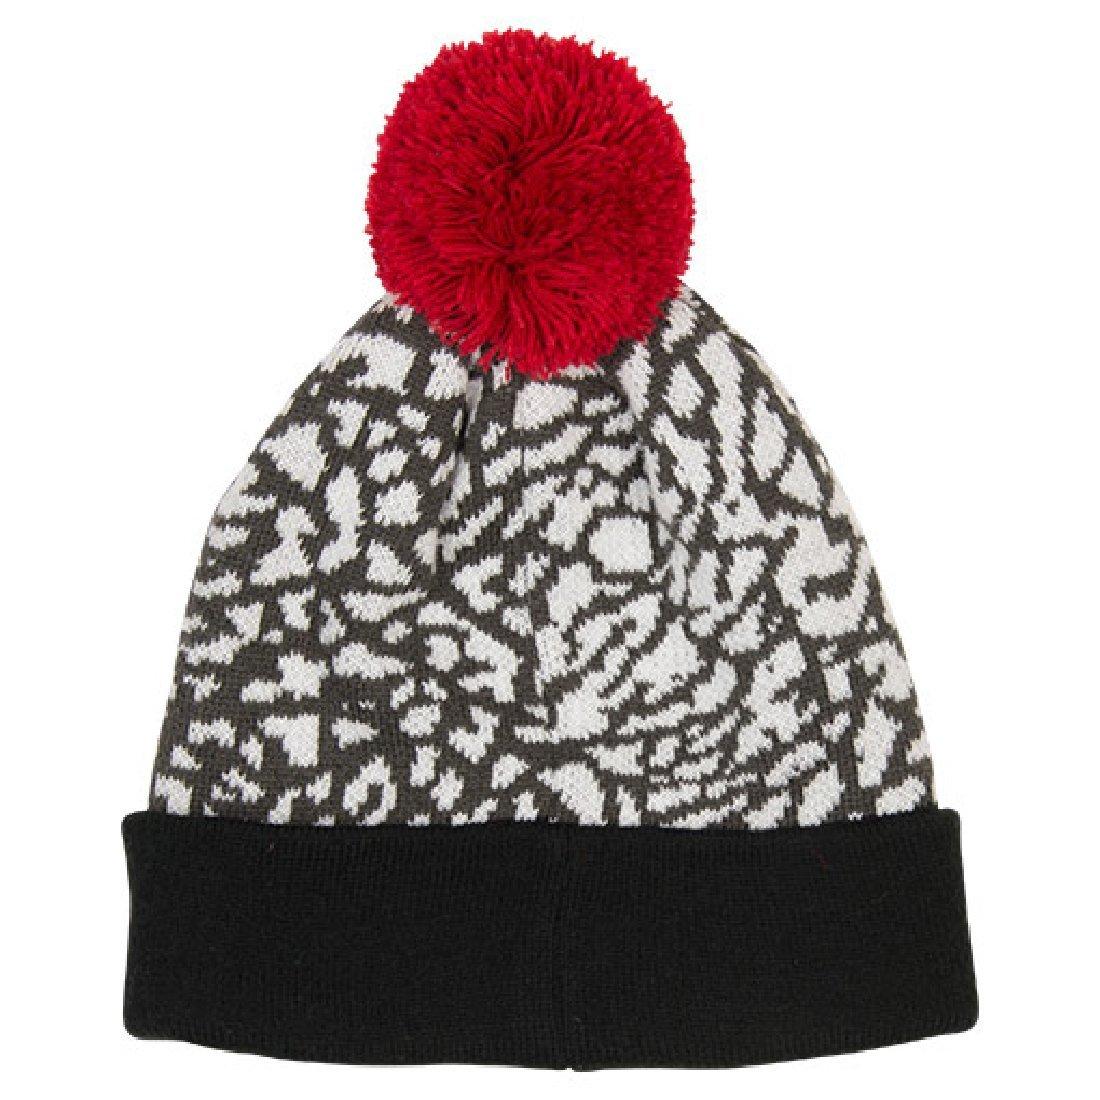 Amazon.com  Boy s Jordan 5 Pom Beanie Hat 8 20 White Gym Red  Sports    Outdoors 4288c329b34a